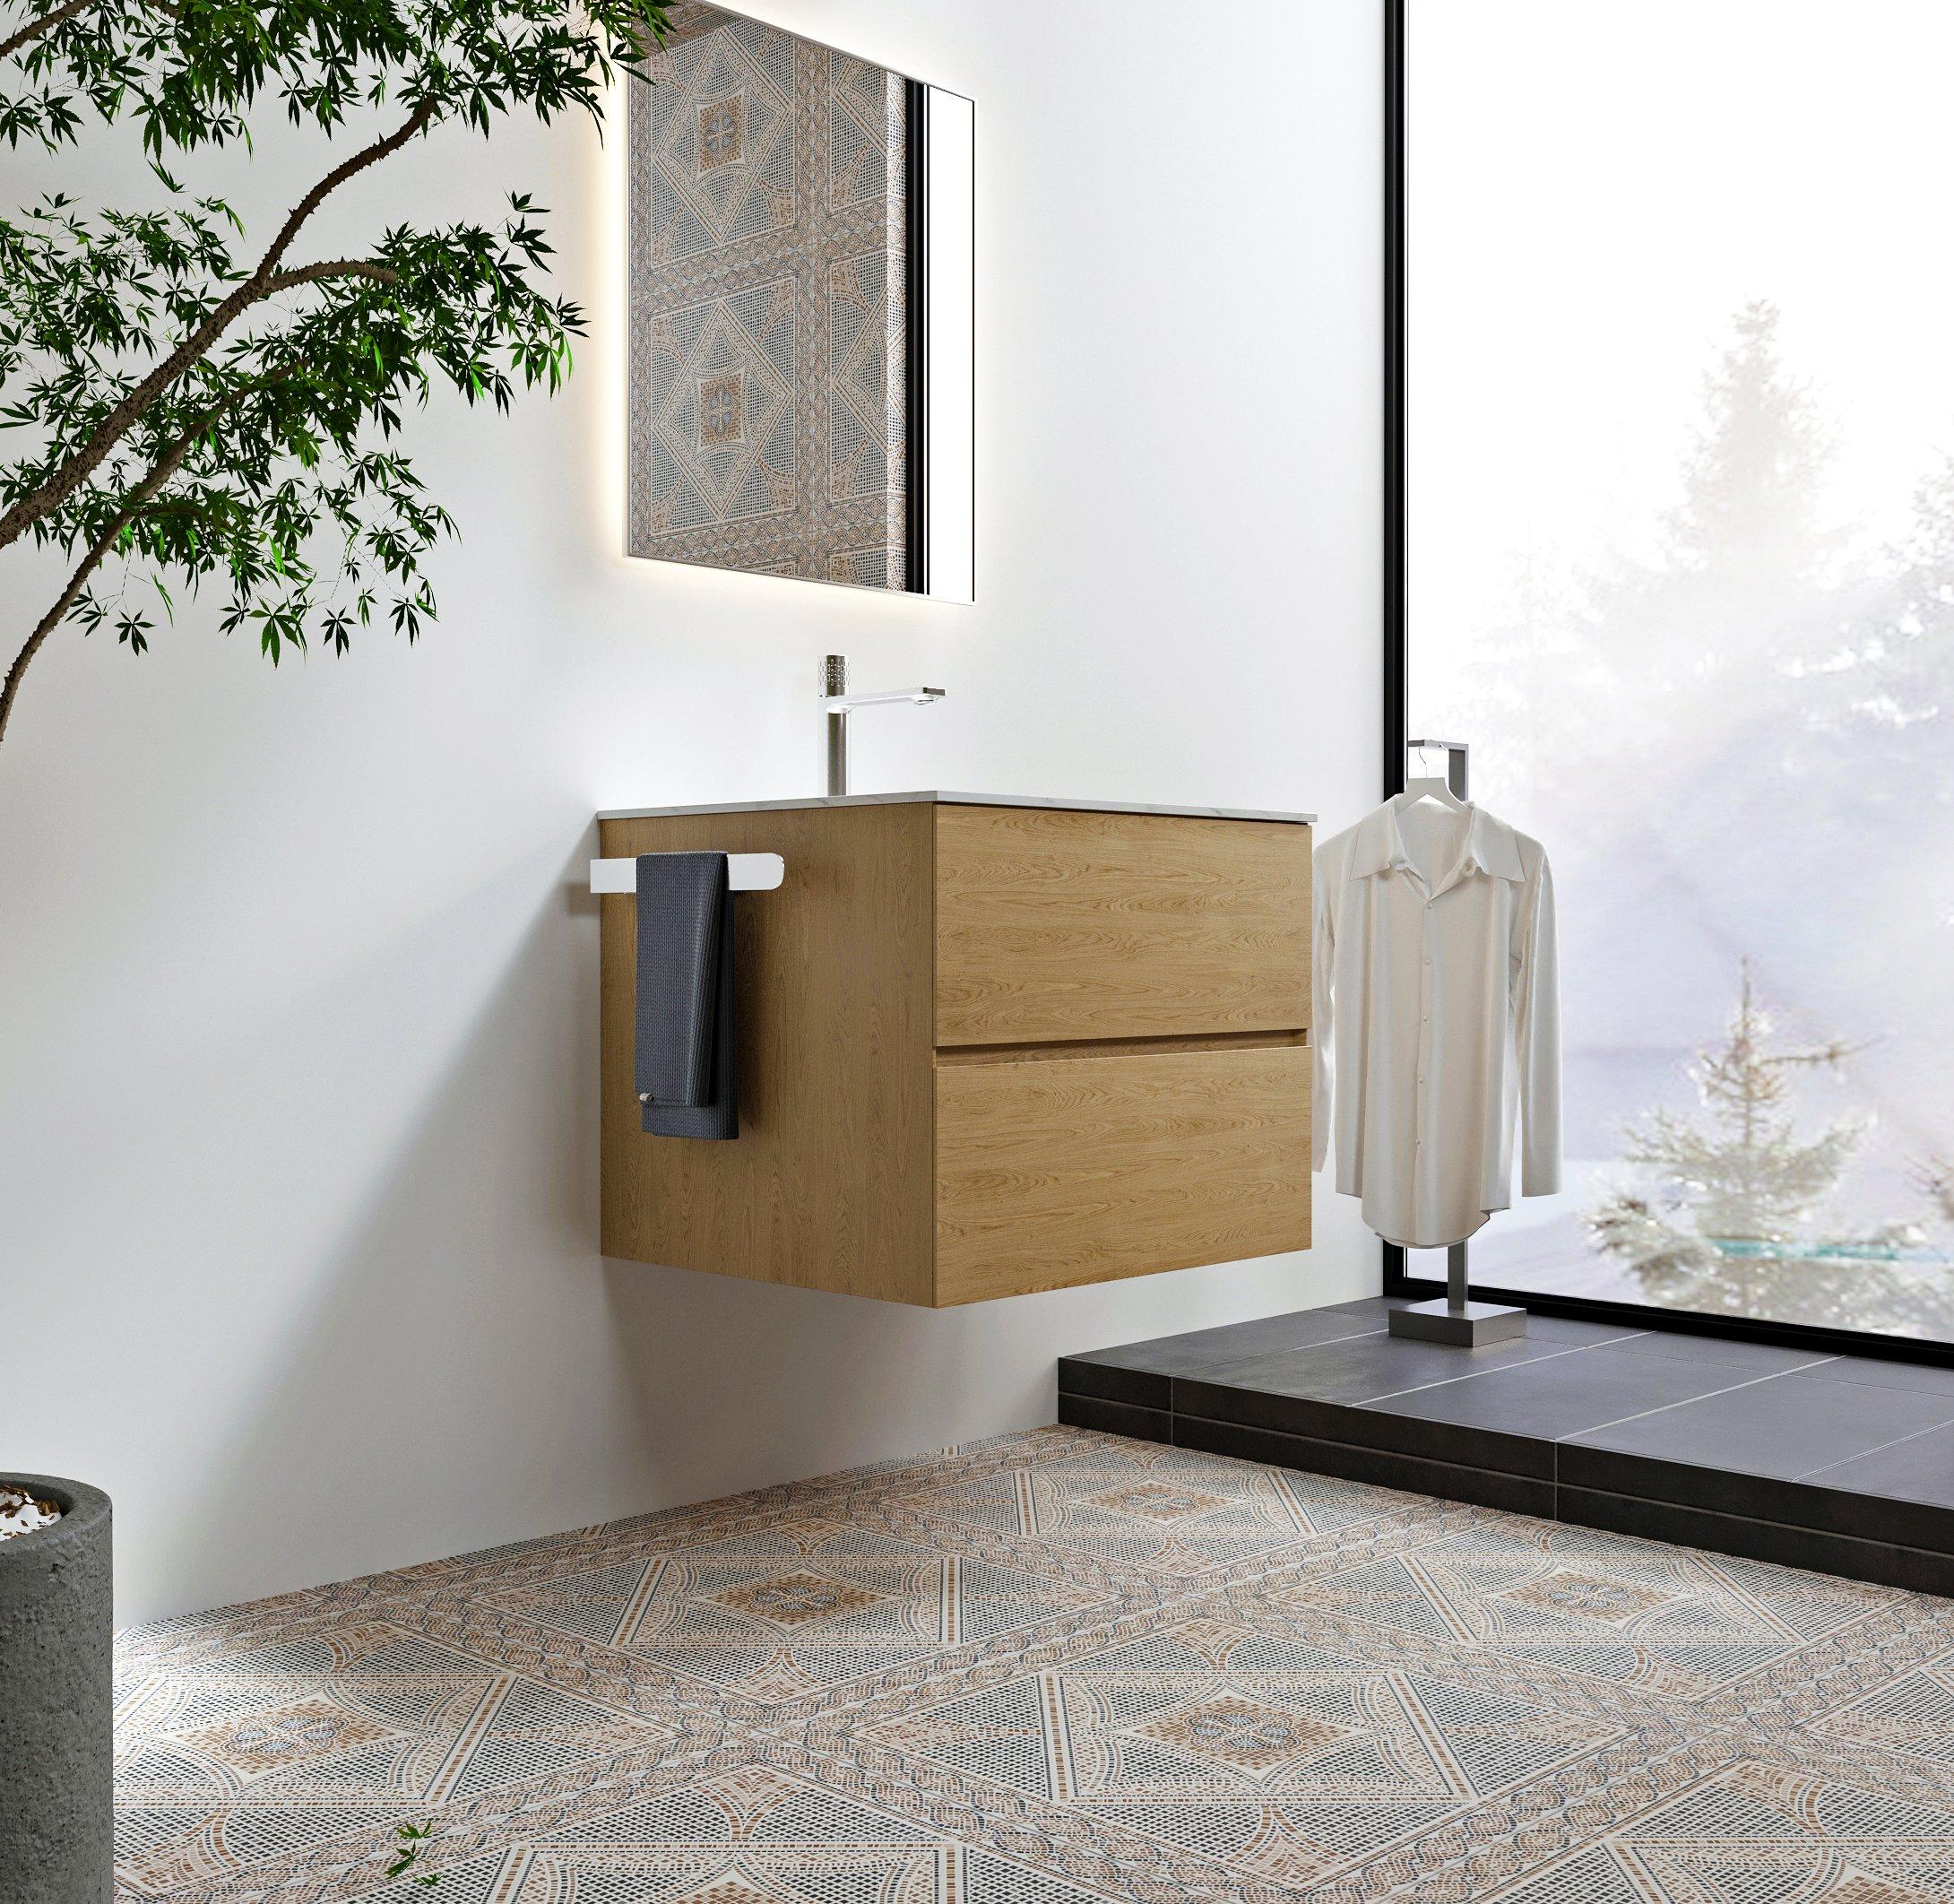 Selbstklebender Handtuchhalter HH21 Korpusmontage für Badmöbel - Farbe wählbar